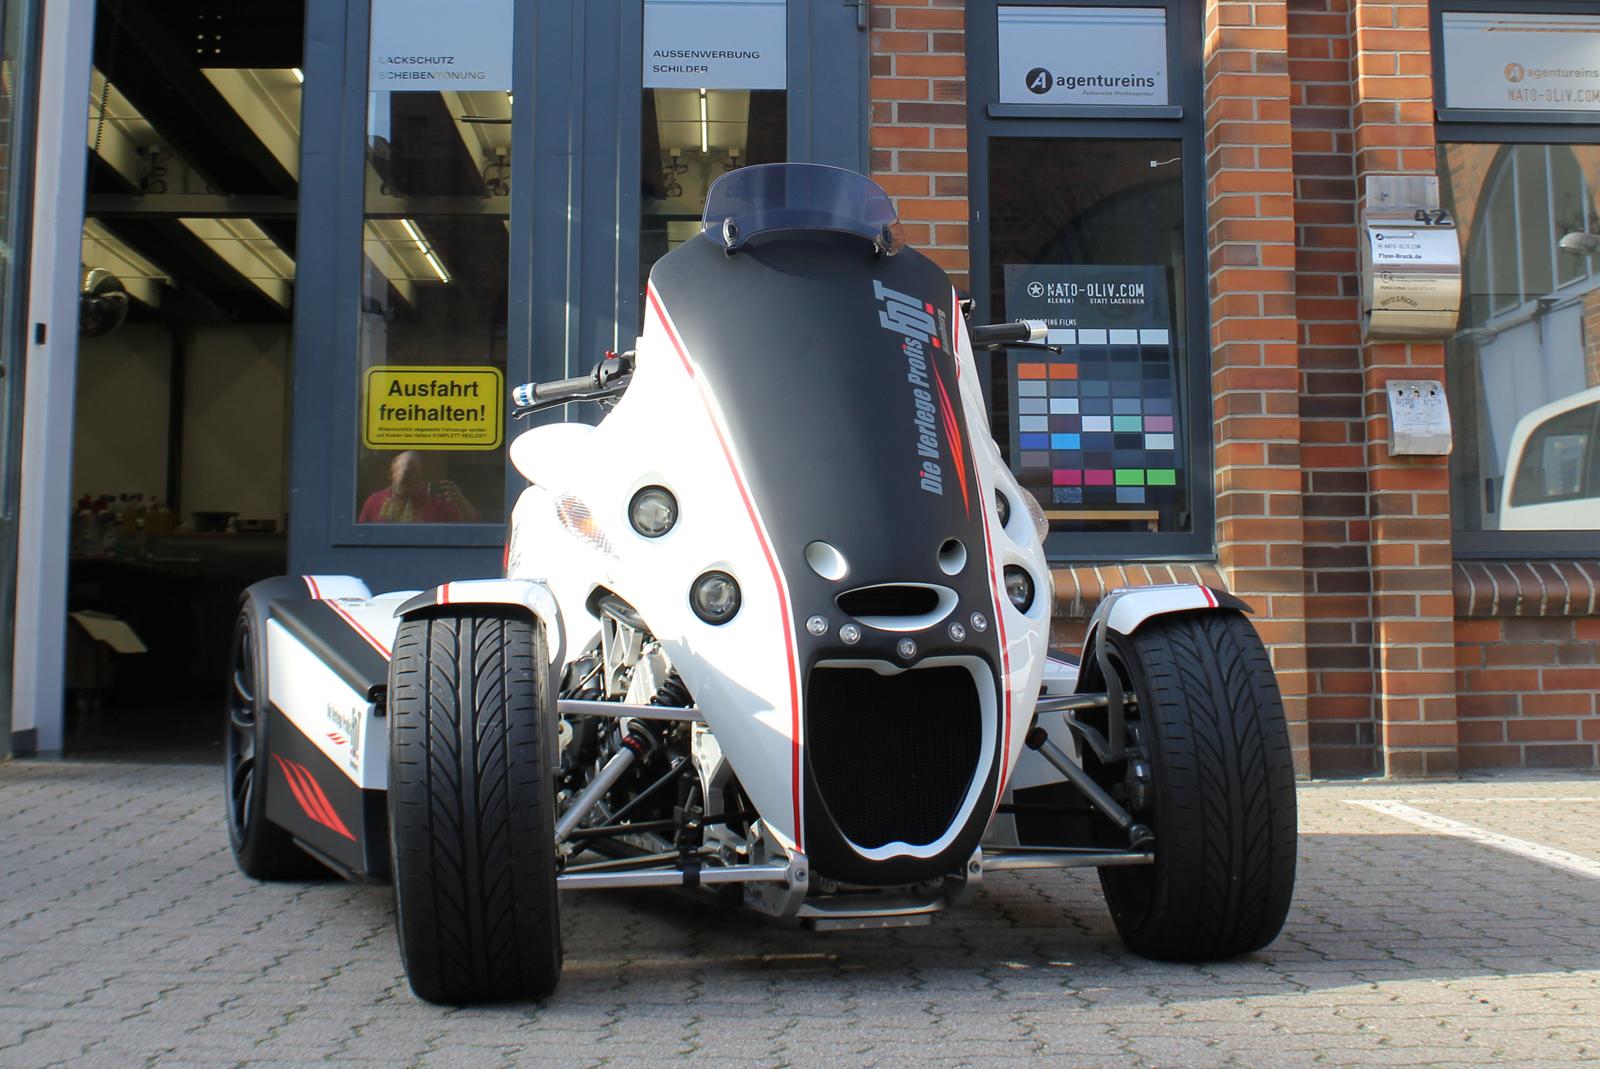 BMW_QUADSTER_TEILFOLIERUNG_SCHWARZ_MATT_BRANDING_16